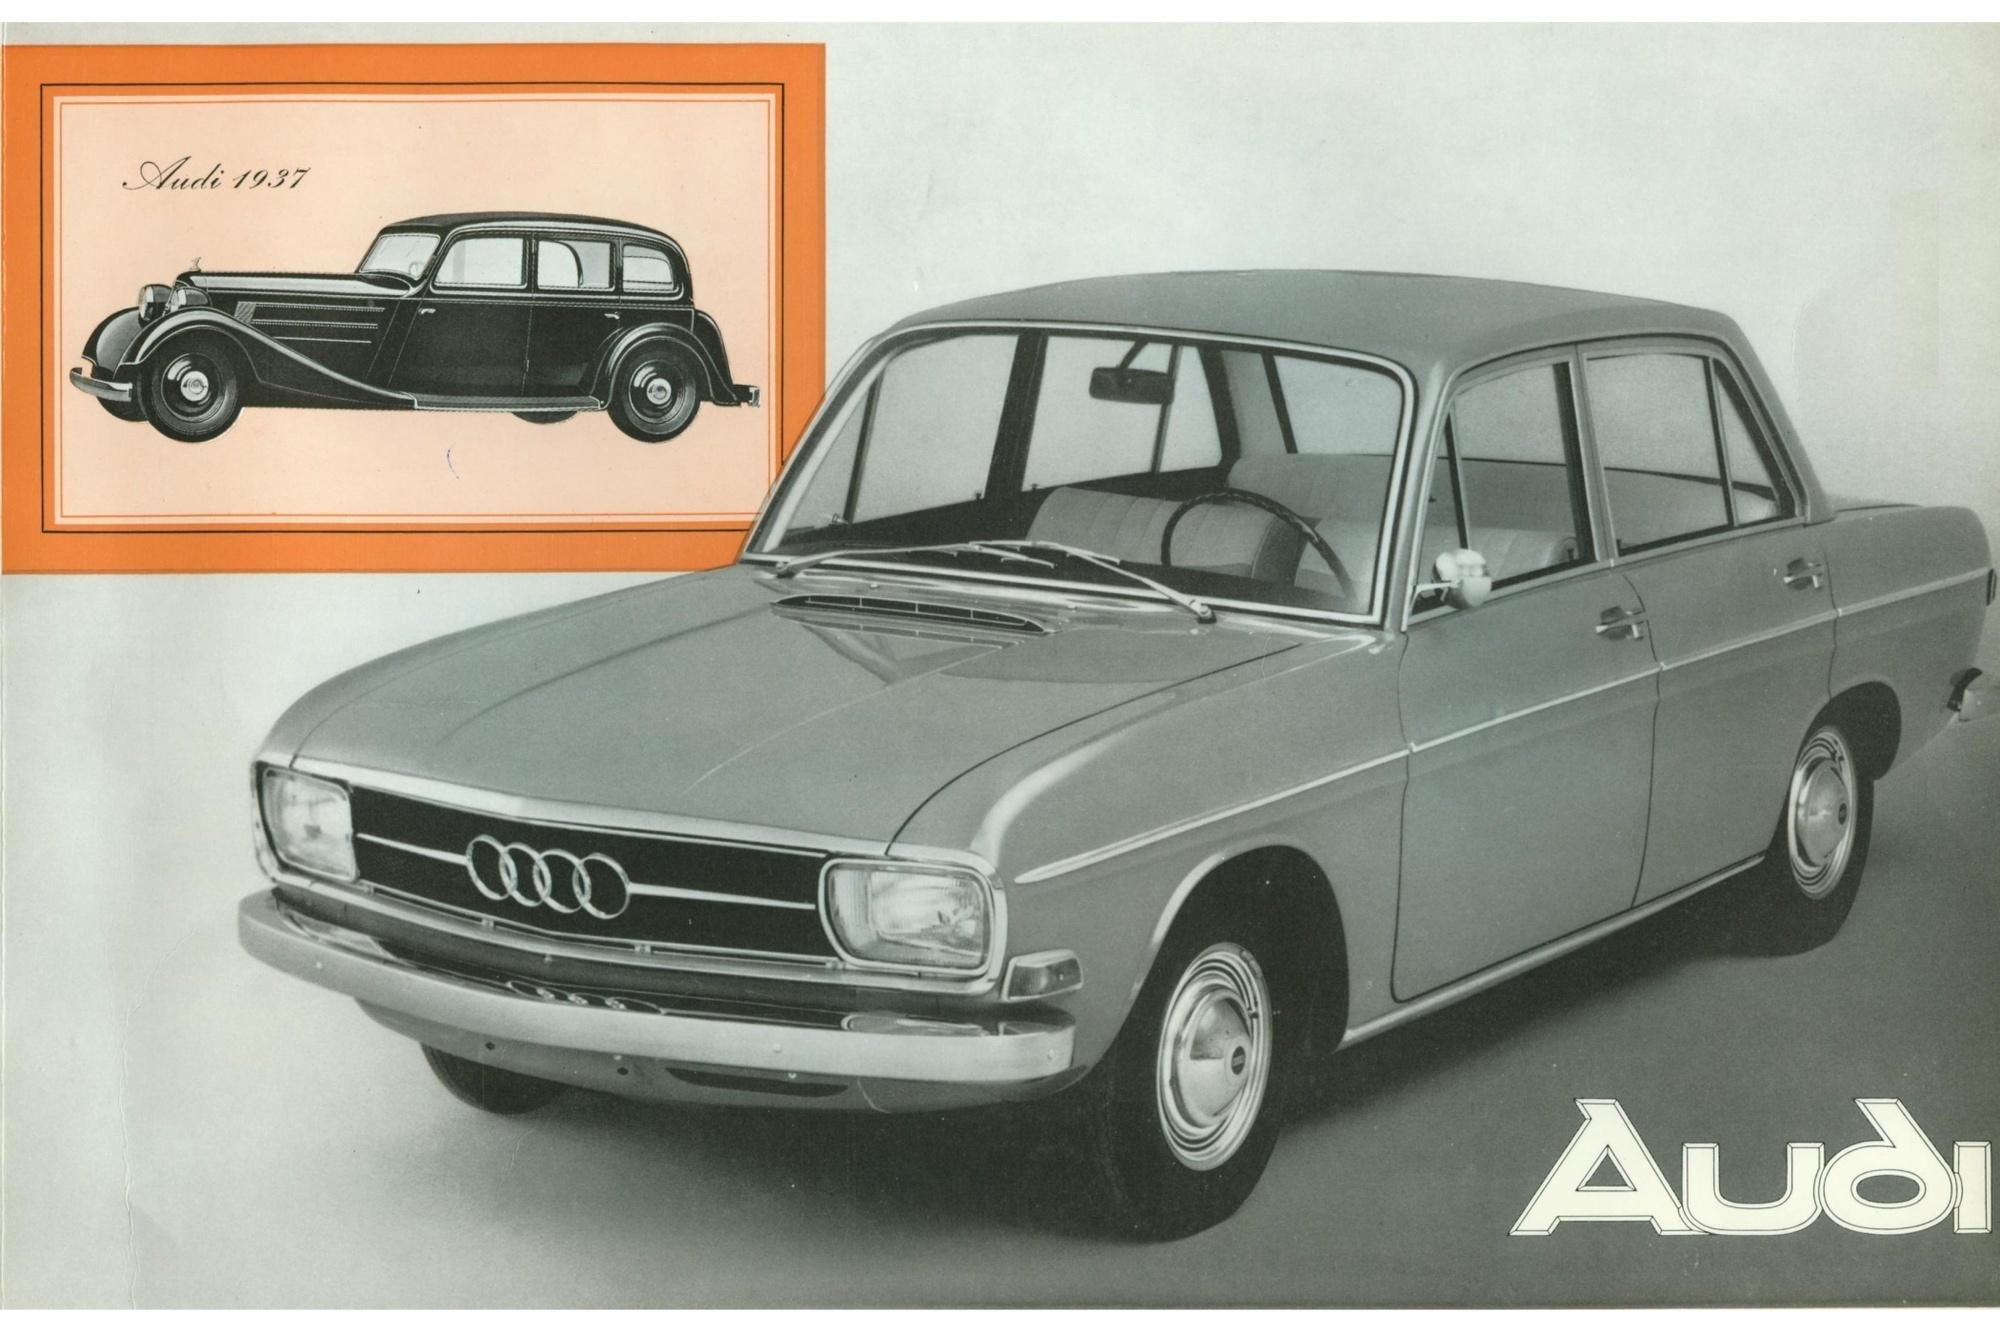 Tradition: 50 Jahre Audi-Nachkriegsmodelle (Baureihe F 103, Typen 60 bis Super 90) - Mit Mitteldruck in die Mittelklasse